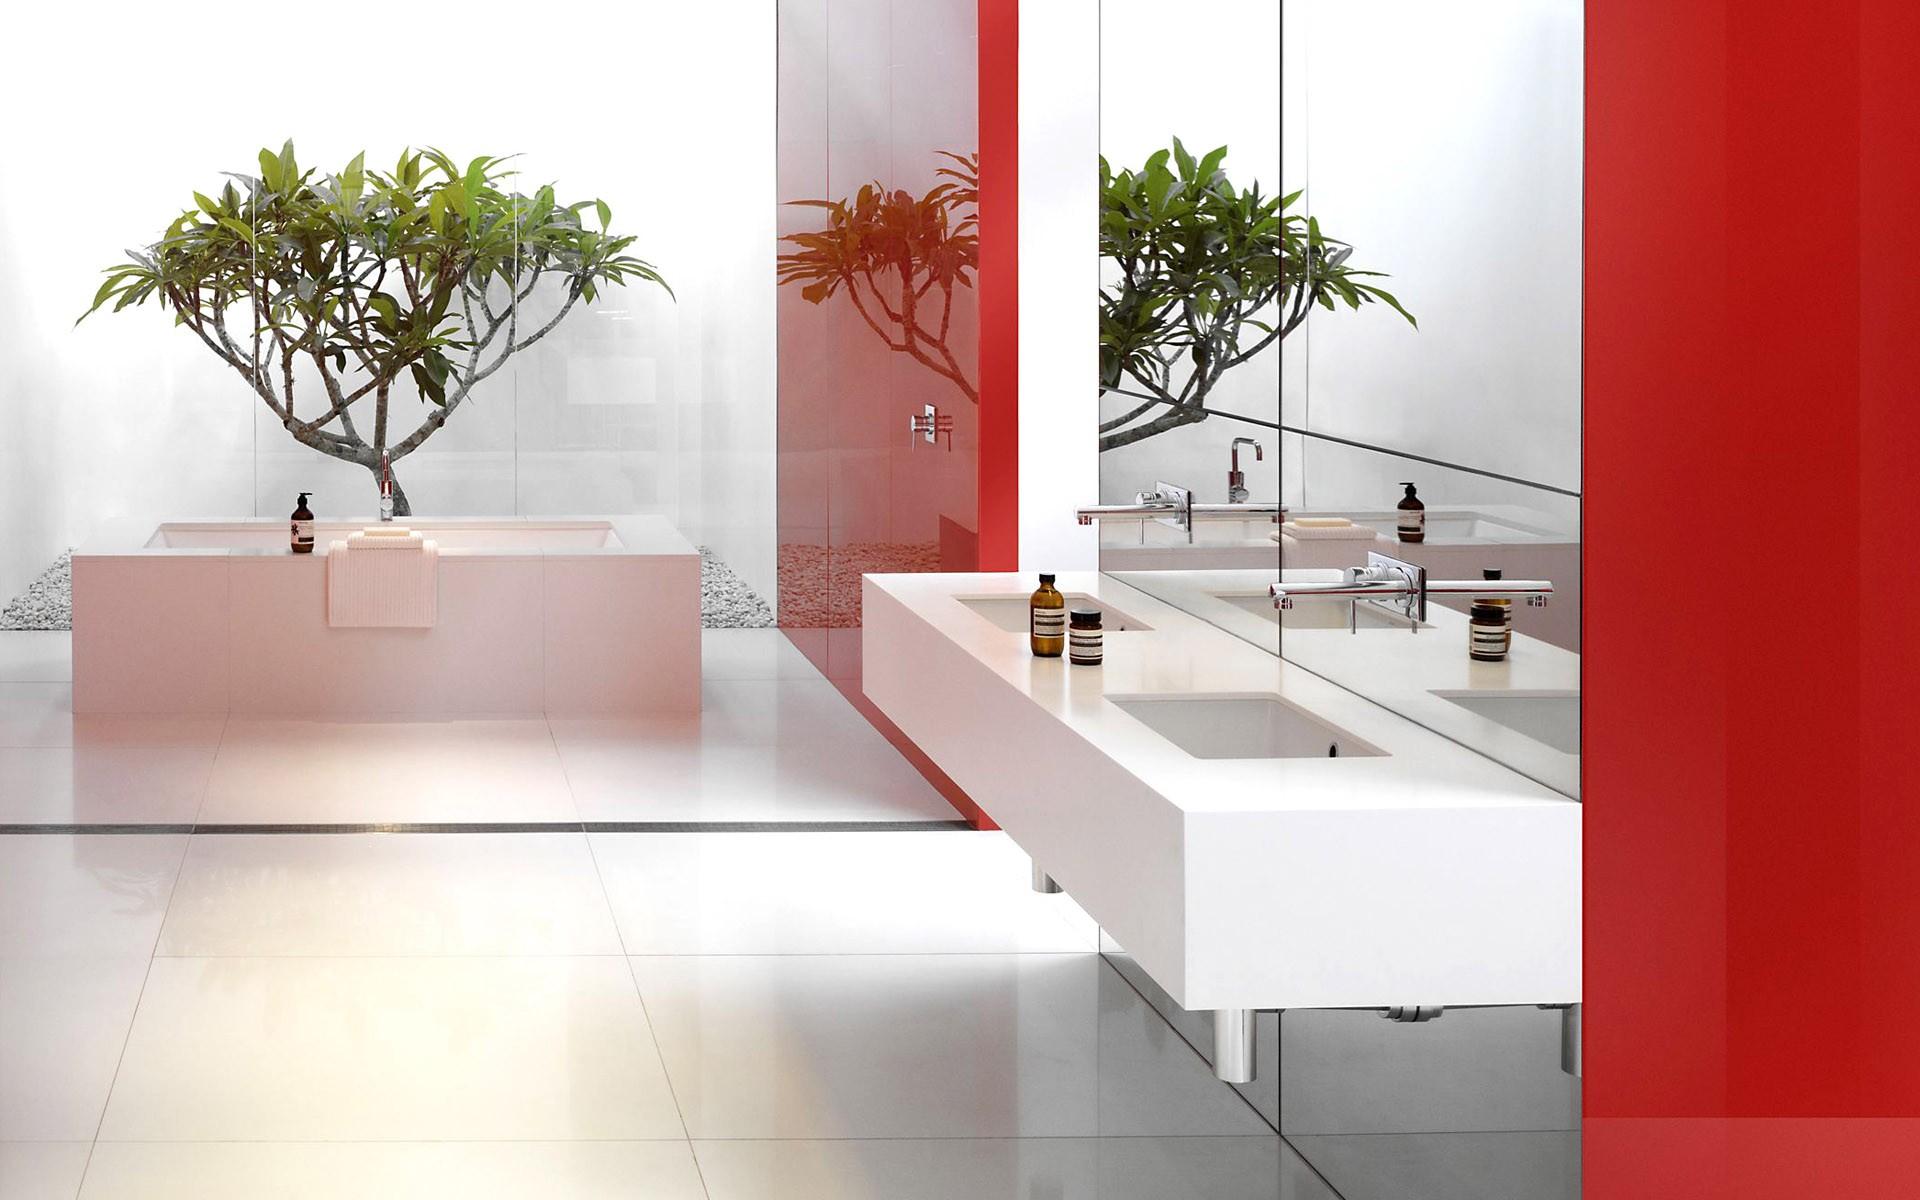 Diseño de lavamanos - 1920x1200